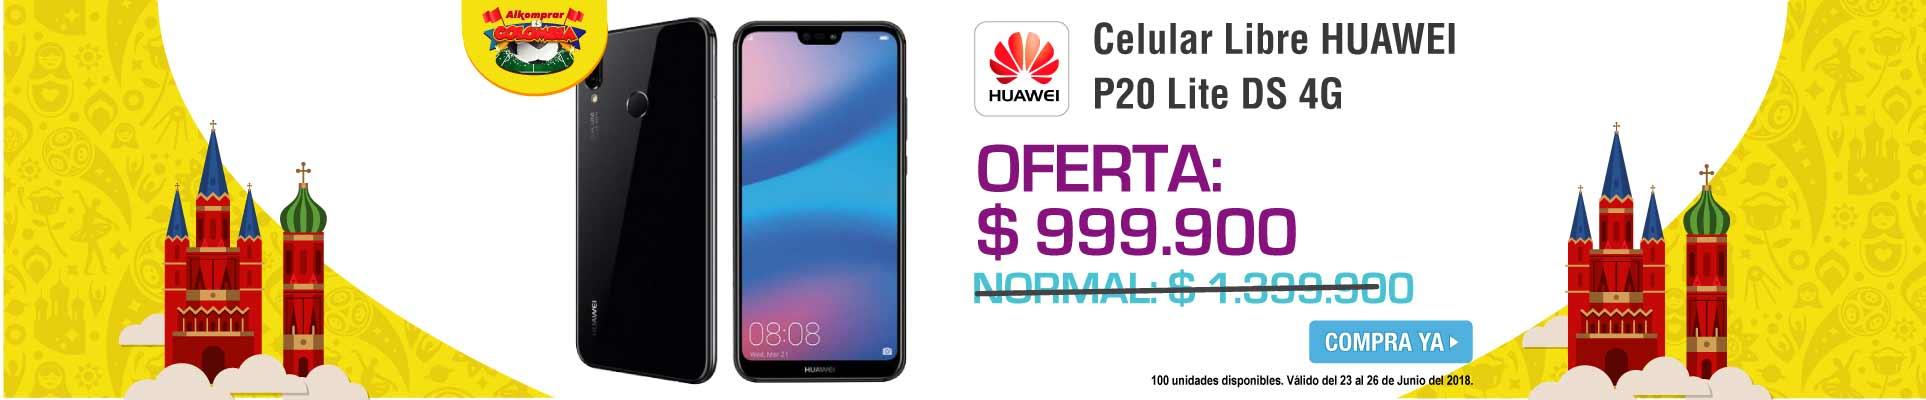 PPAL ALKP-5-celulares-Celular Libre HUAWEI P20 Lite Negro DS 4G-prod-Junio23-26